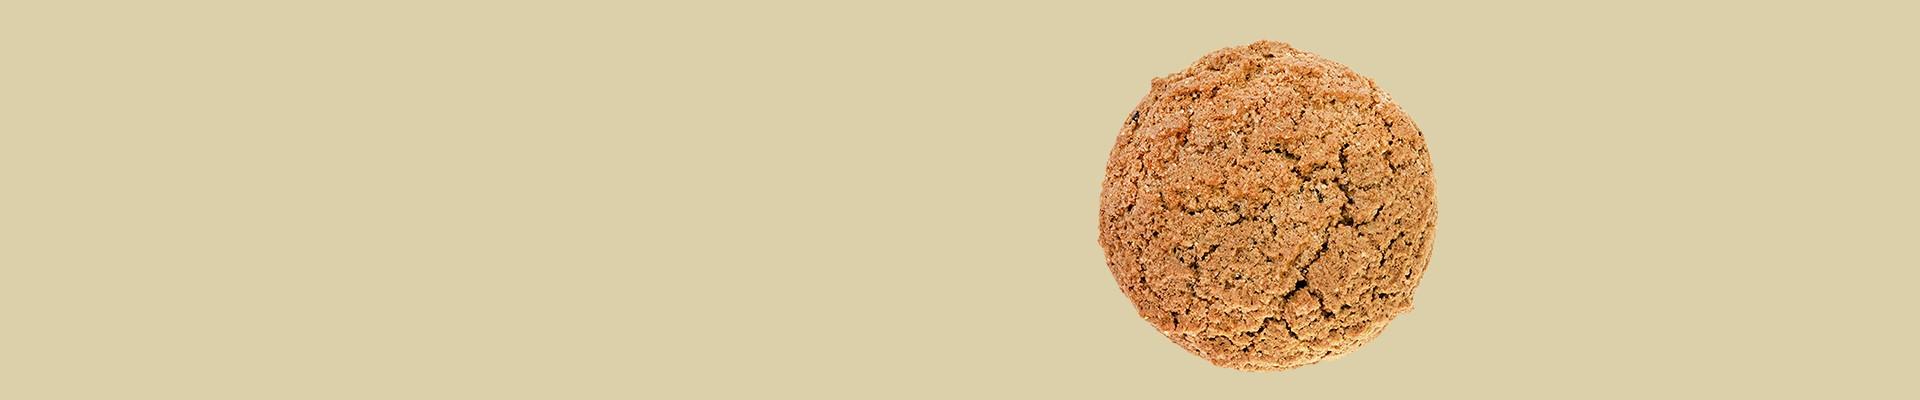 Jual Biskuit & Kue